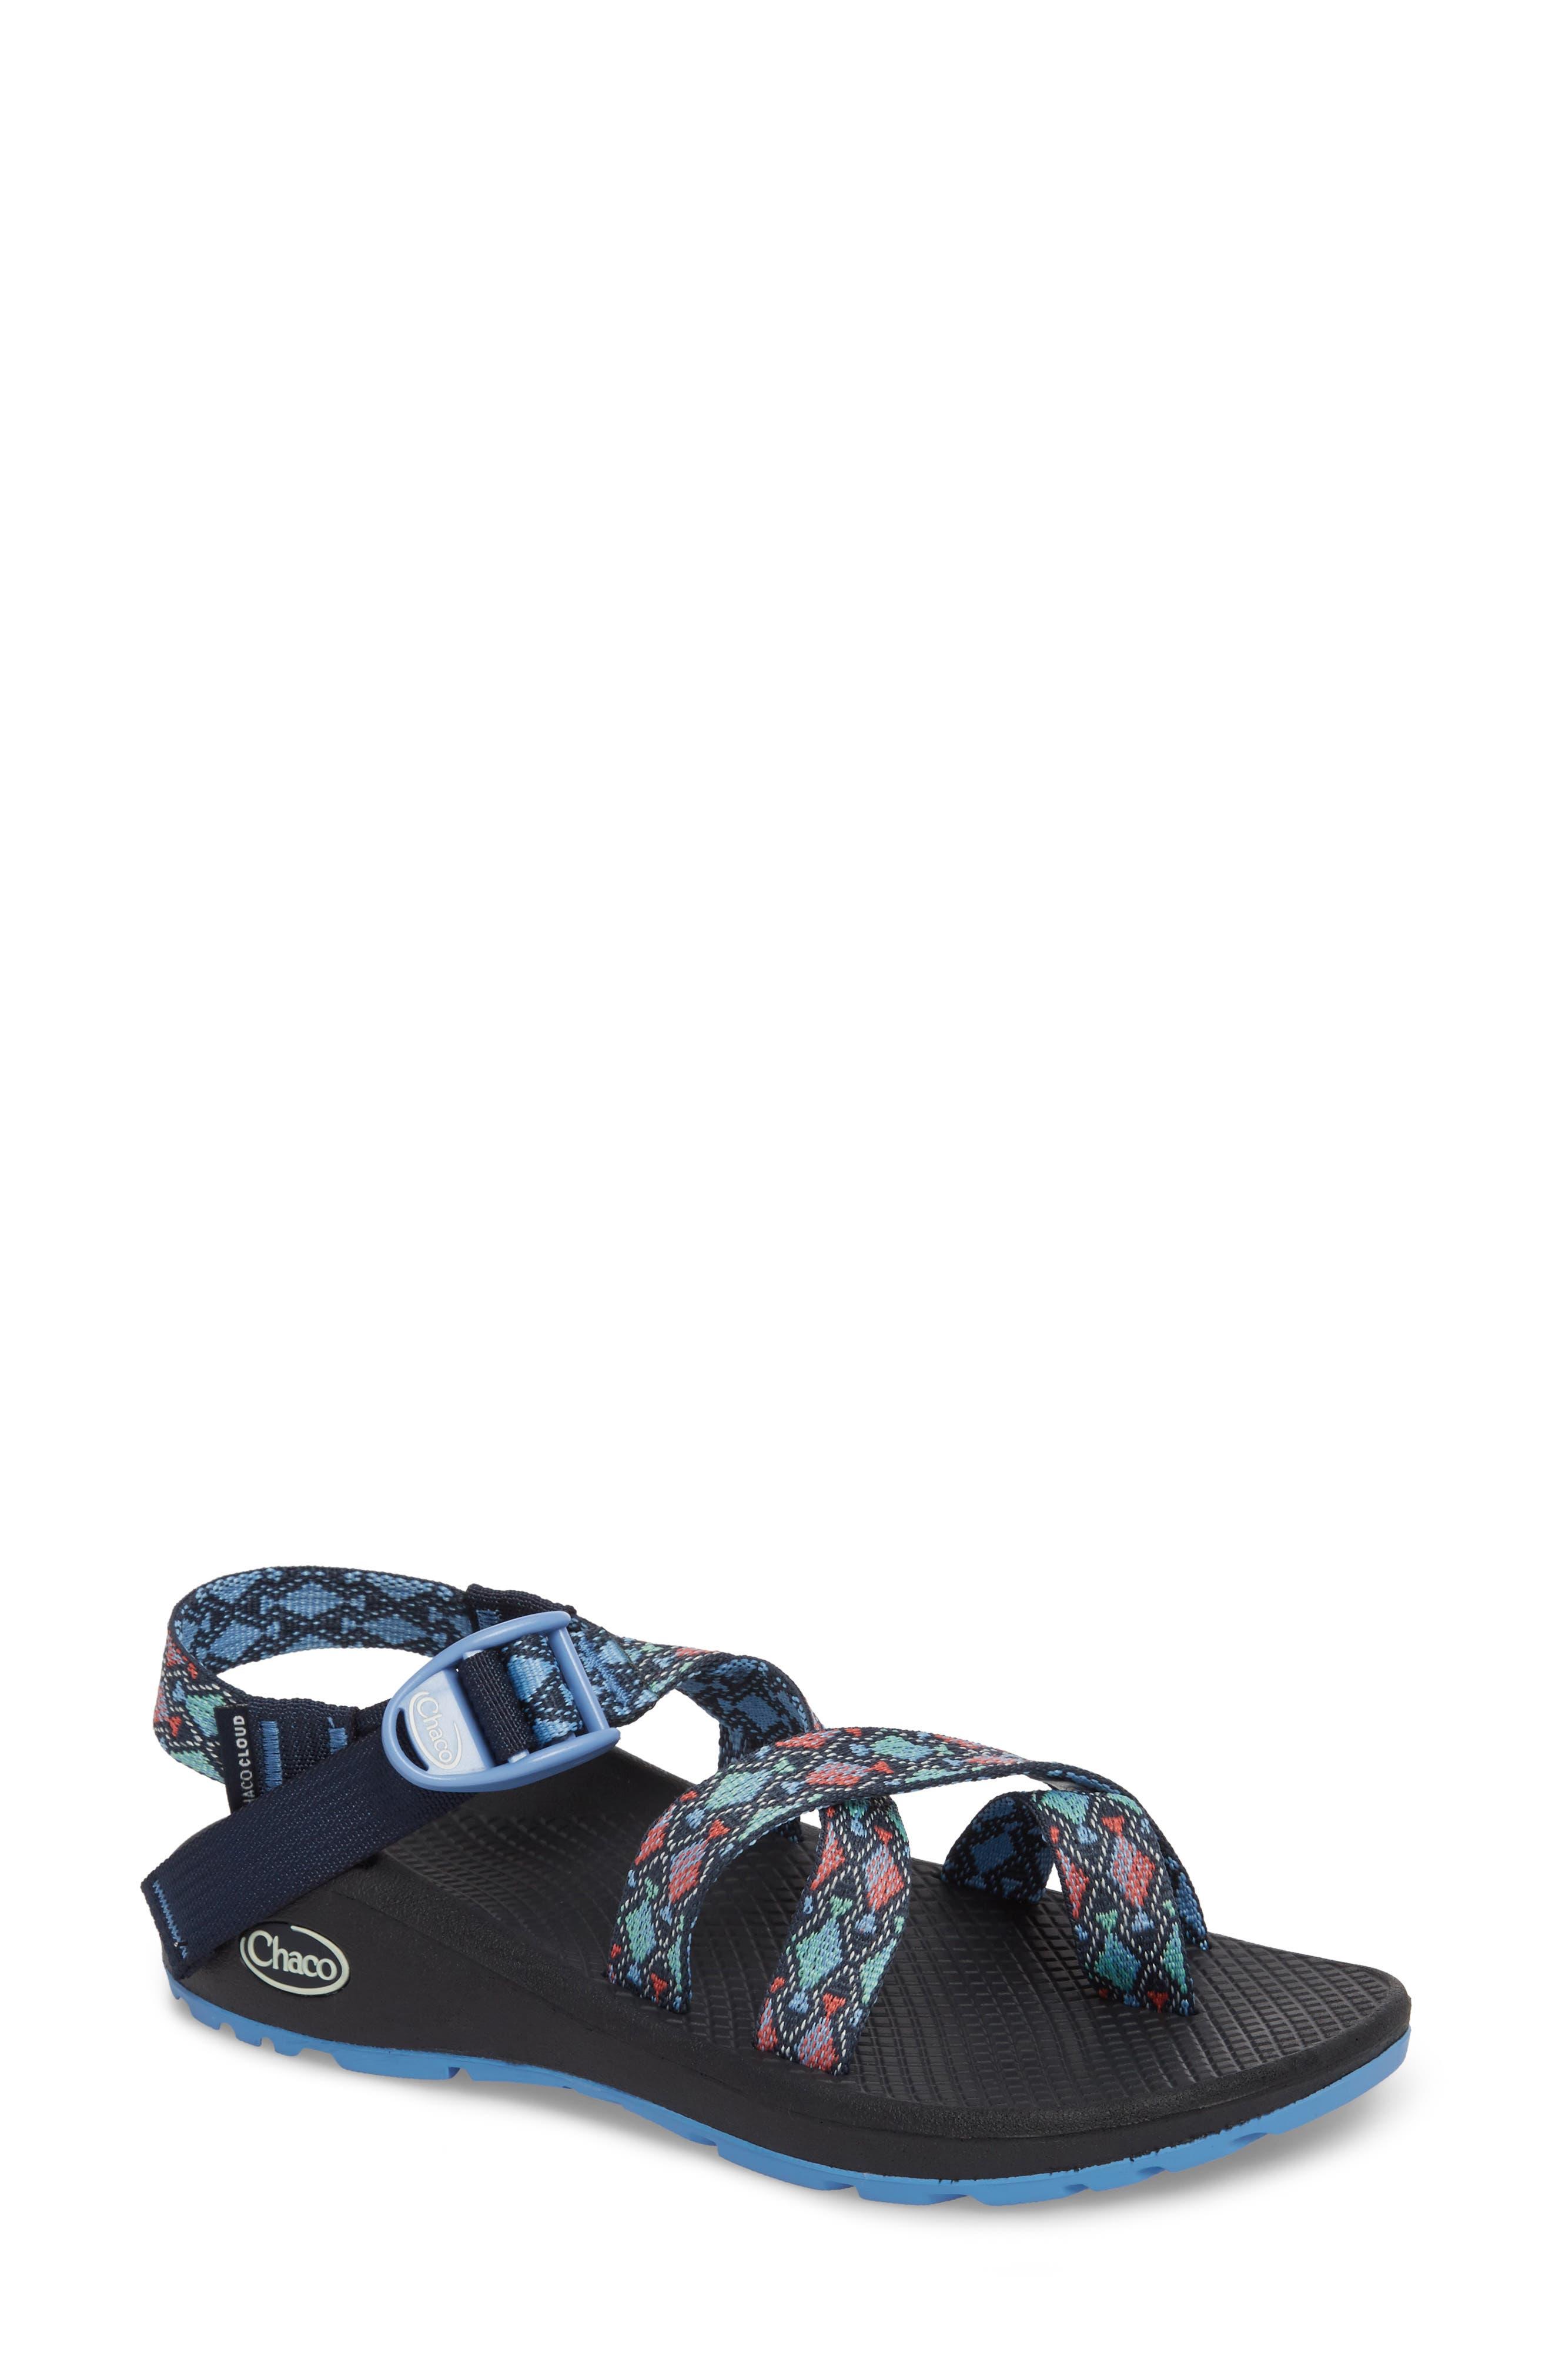 Z/Cloud 2 Sport Sandal,                         Main,                         color, Trace Eclipse